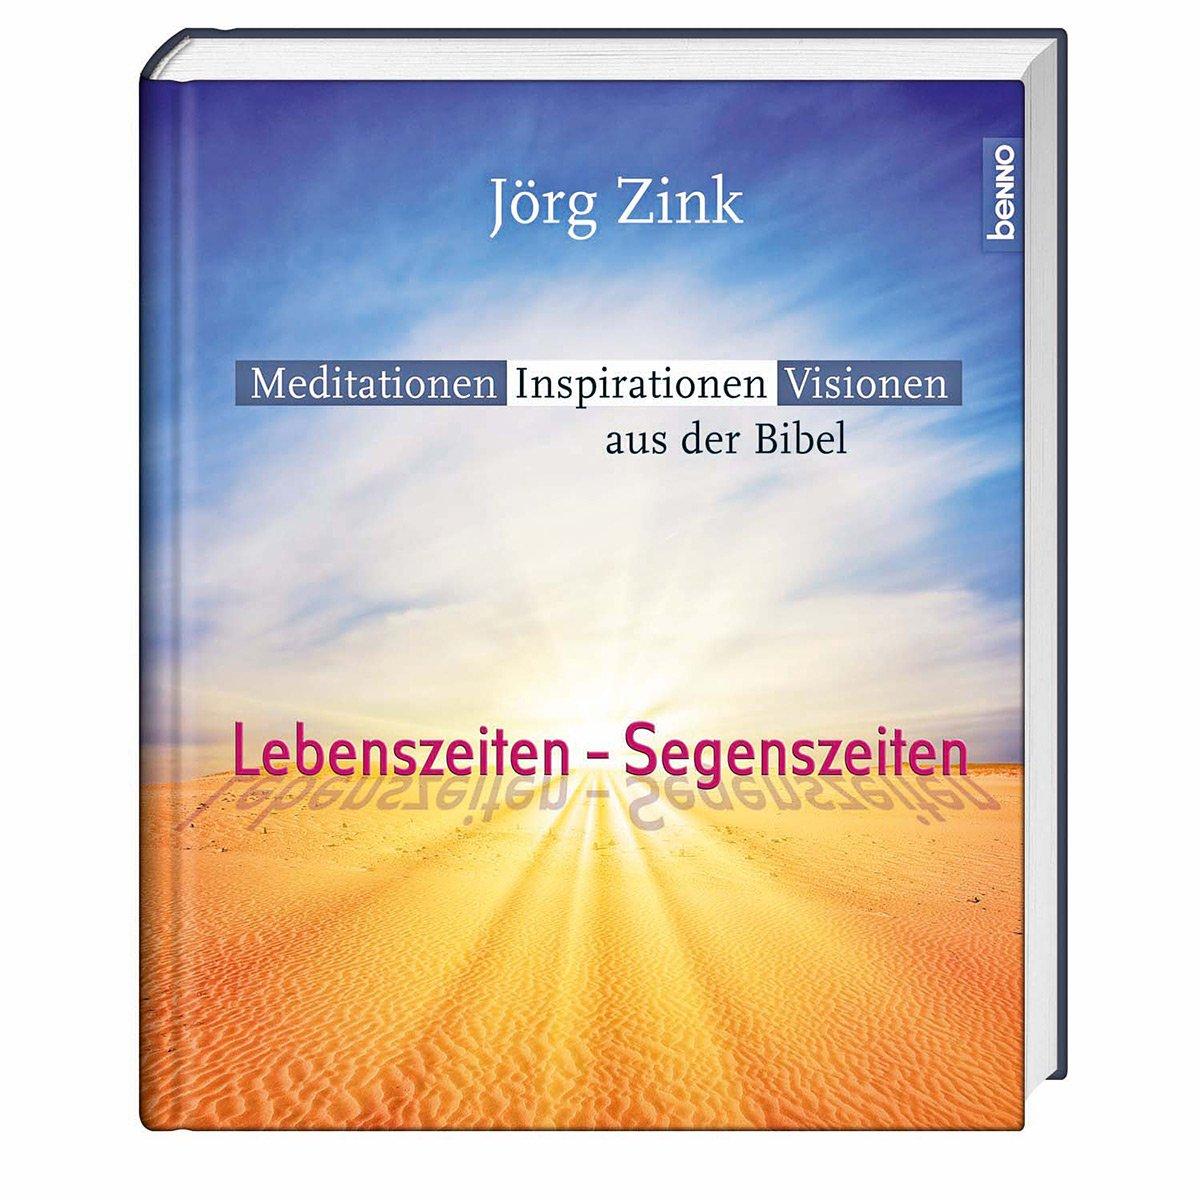 Lebenszeiten - Segenszeiten: Meditationen, Inspirationen, Visionen aus der Bibel